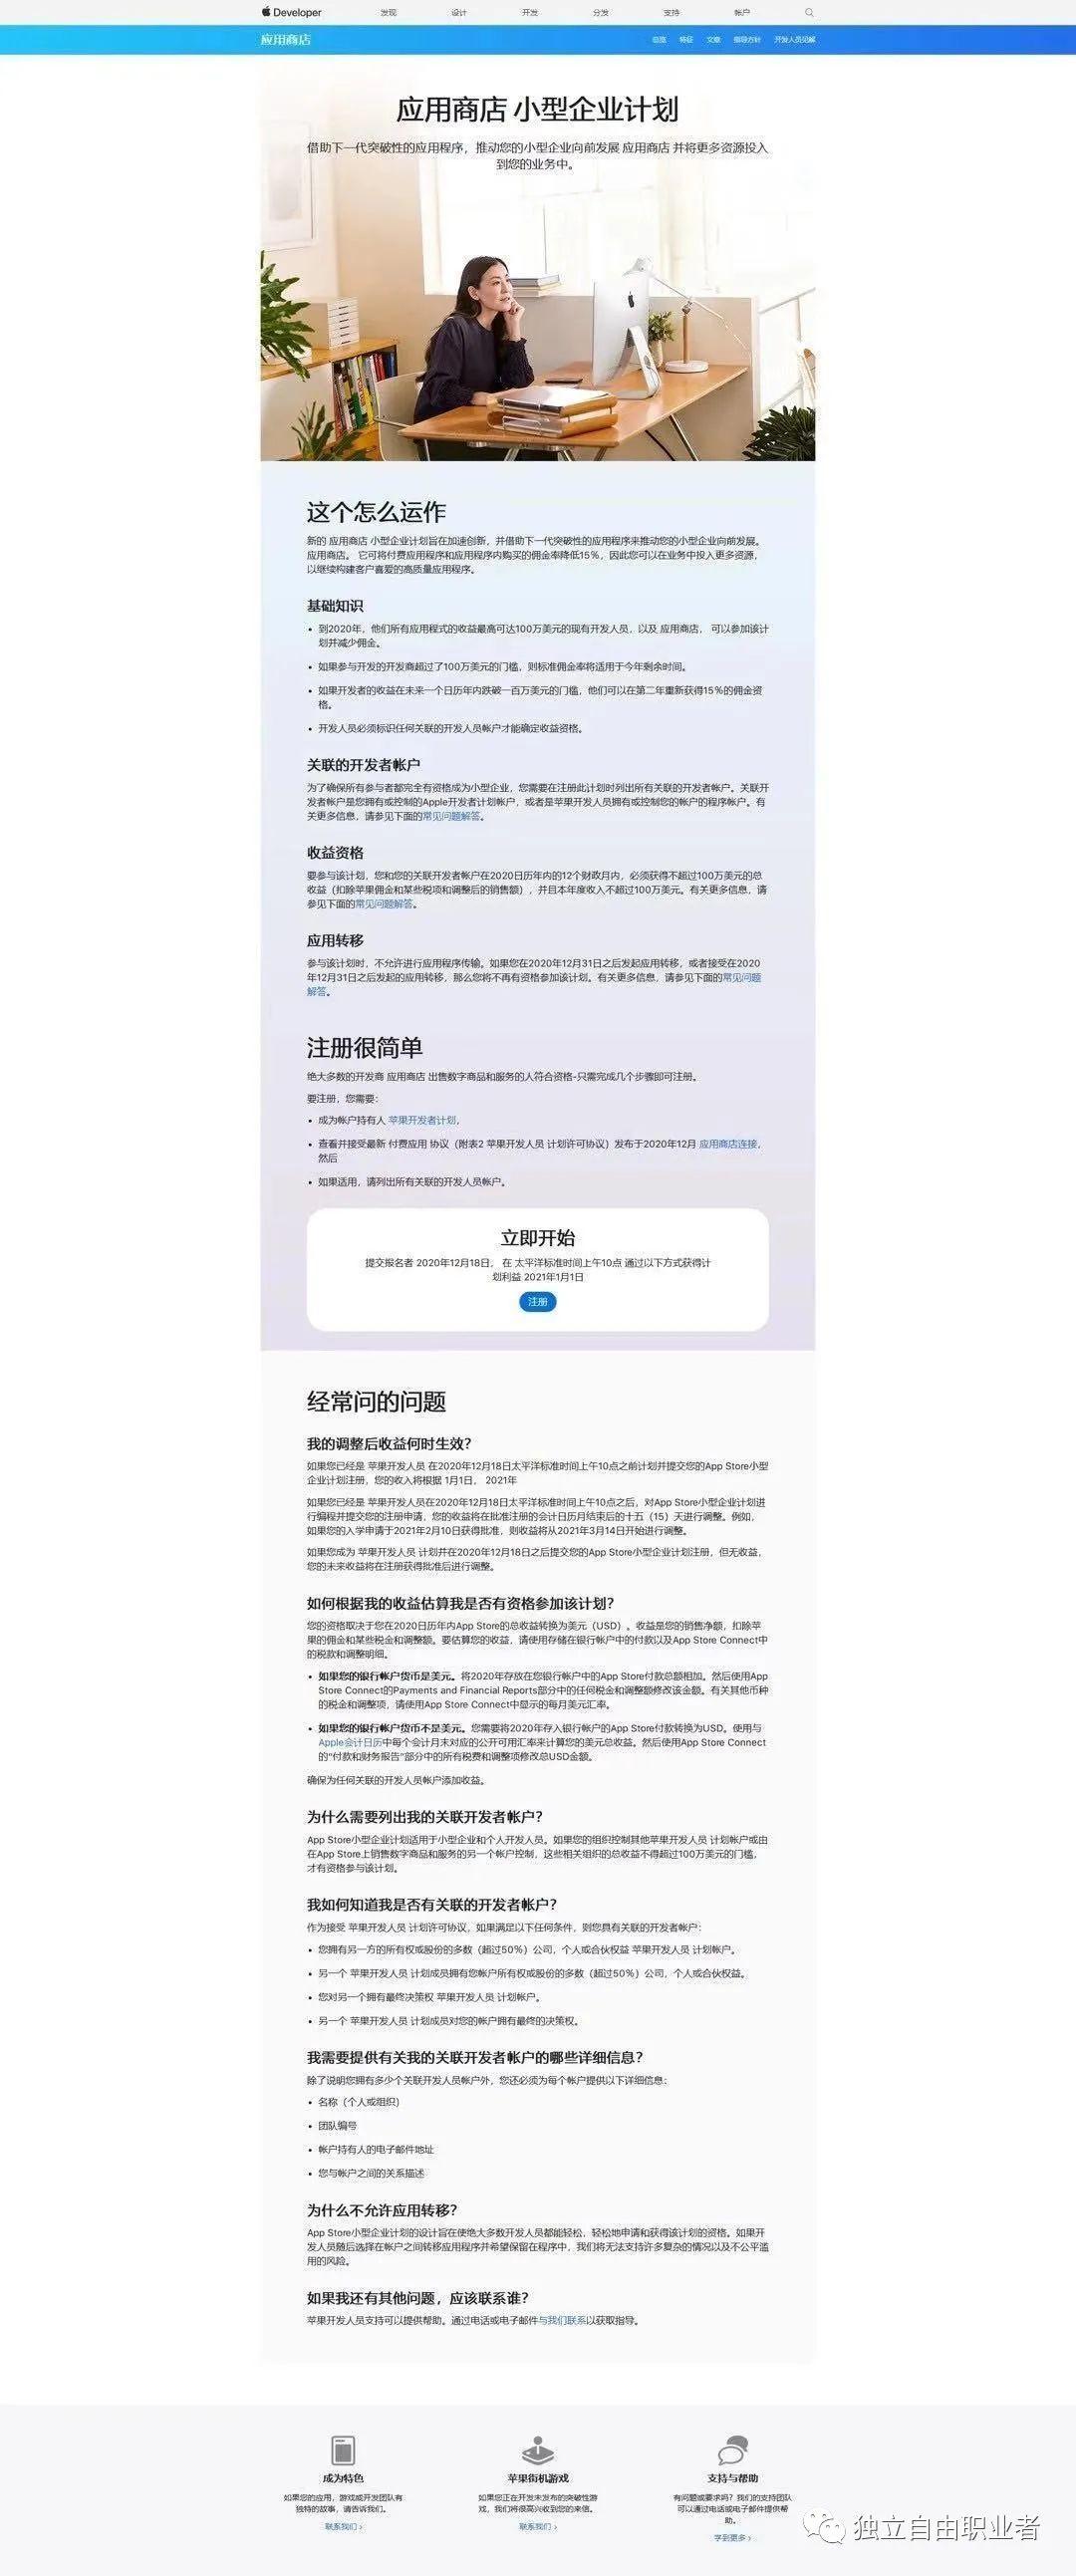 注册应用商店小企业计划-独立自由职业者